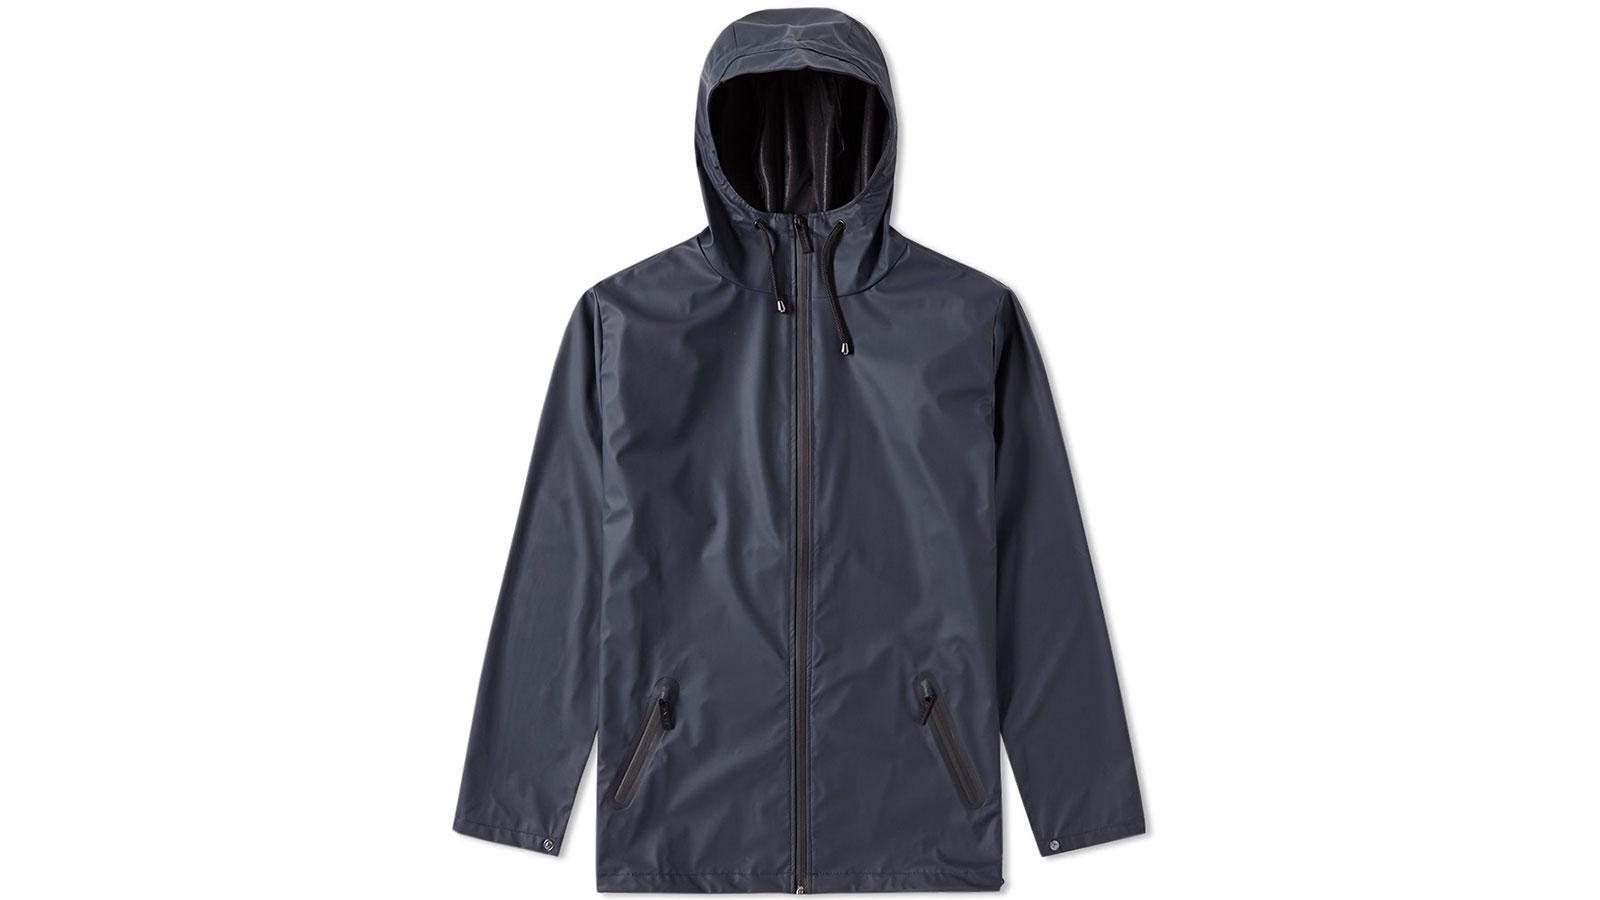 Rains Men's Windbreaker Jacket | the best men's windbreakr jackets